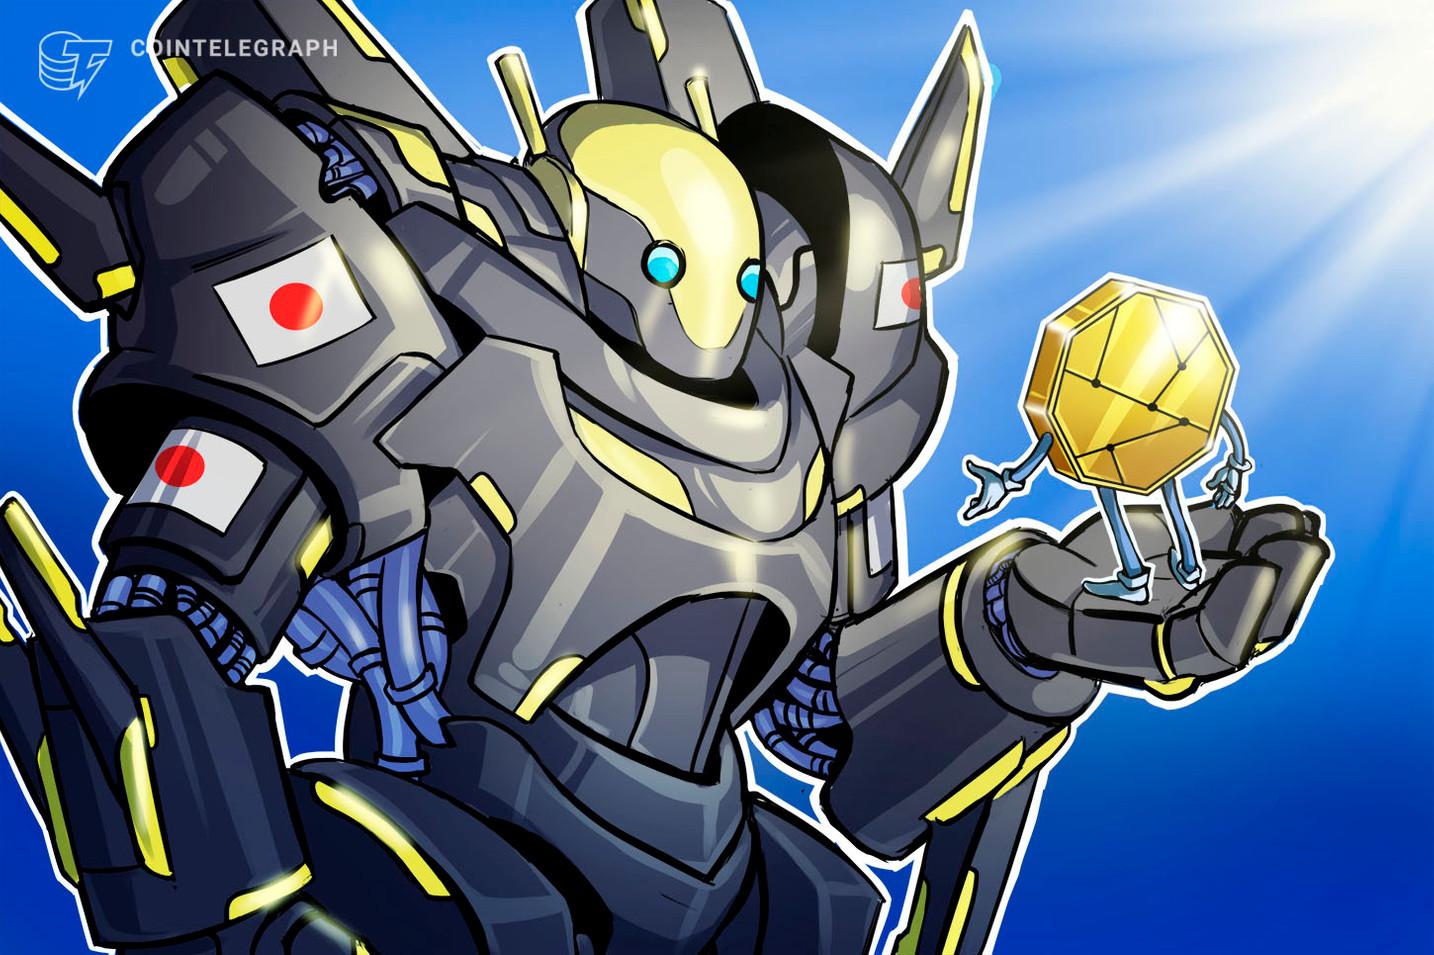 Japonsko údajně přijme opatření k celosvětové kontrole kryptoměny